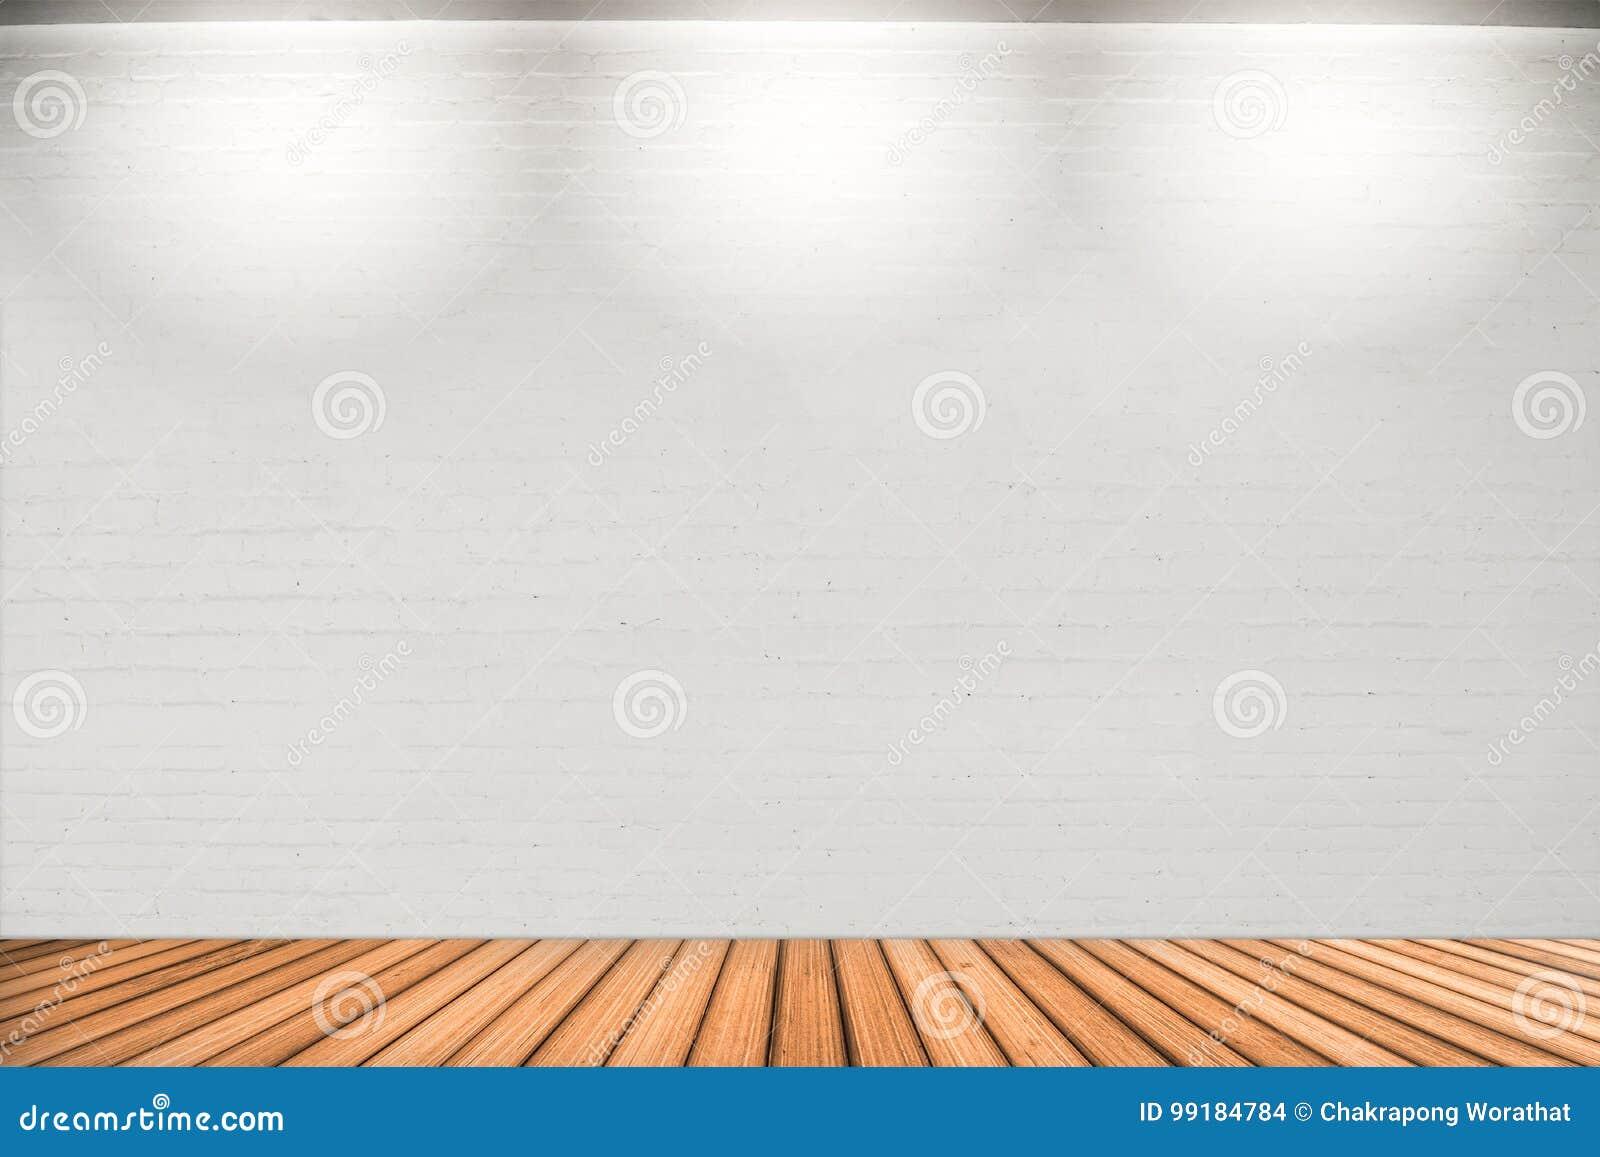 leeren sie weiße wand mit 3 scheinwerferlichtern und bretterboden